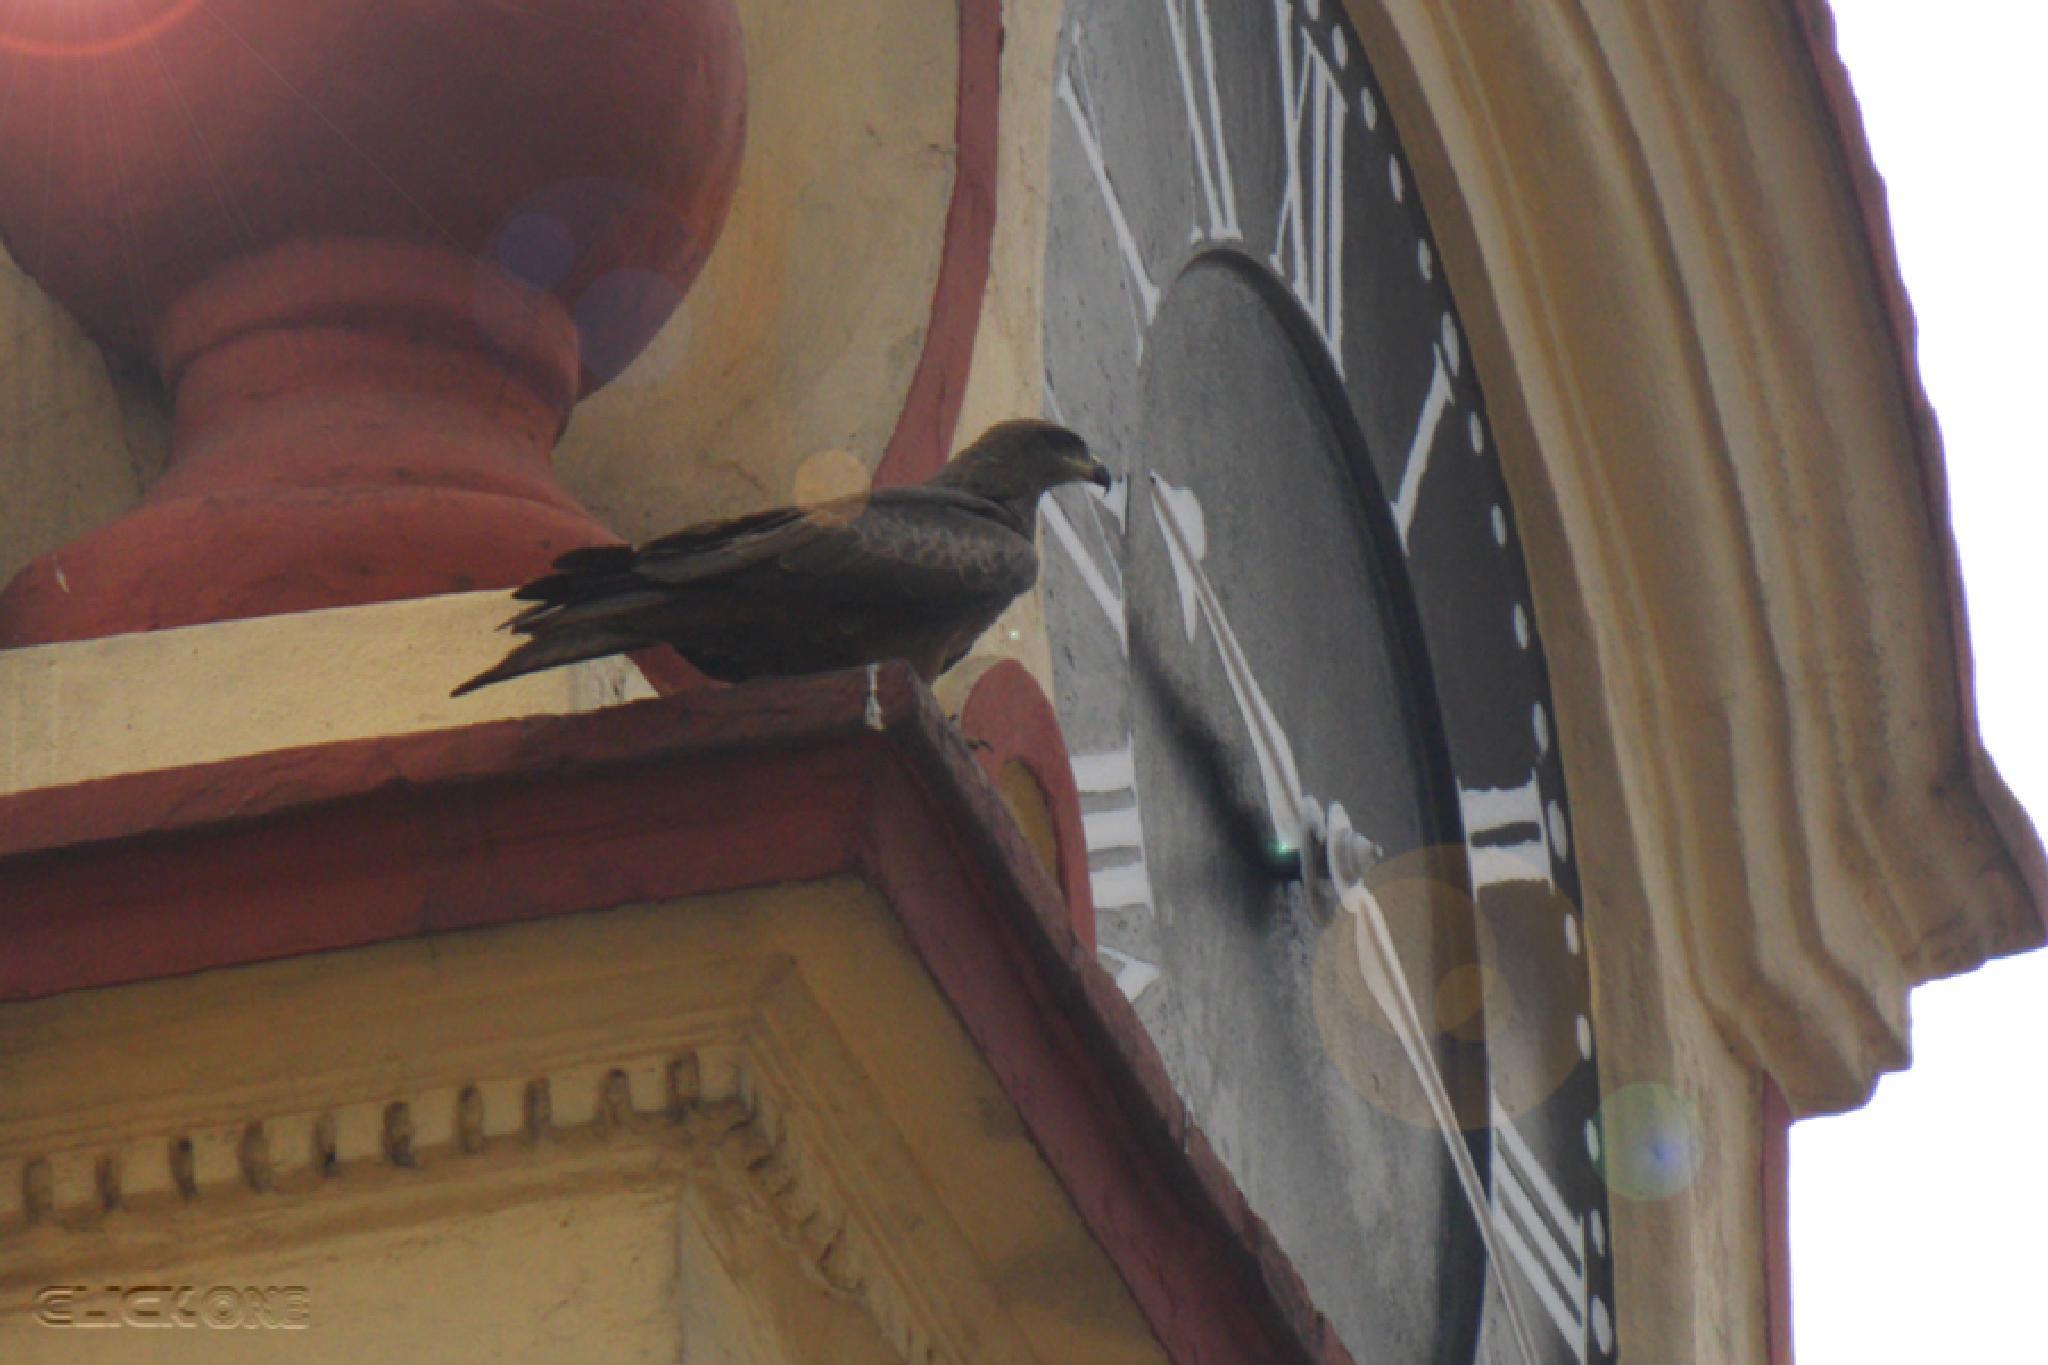 Bird by Ăjȫy Ðhâŕ